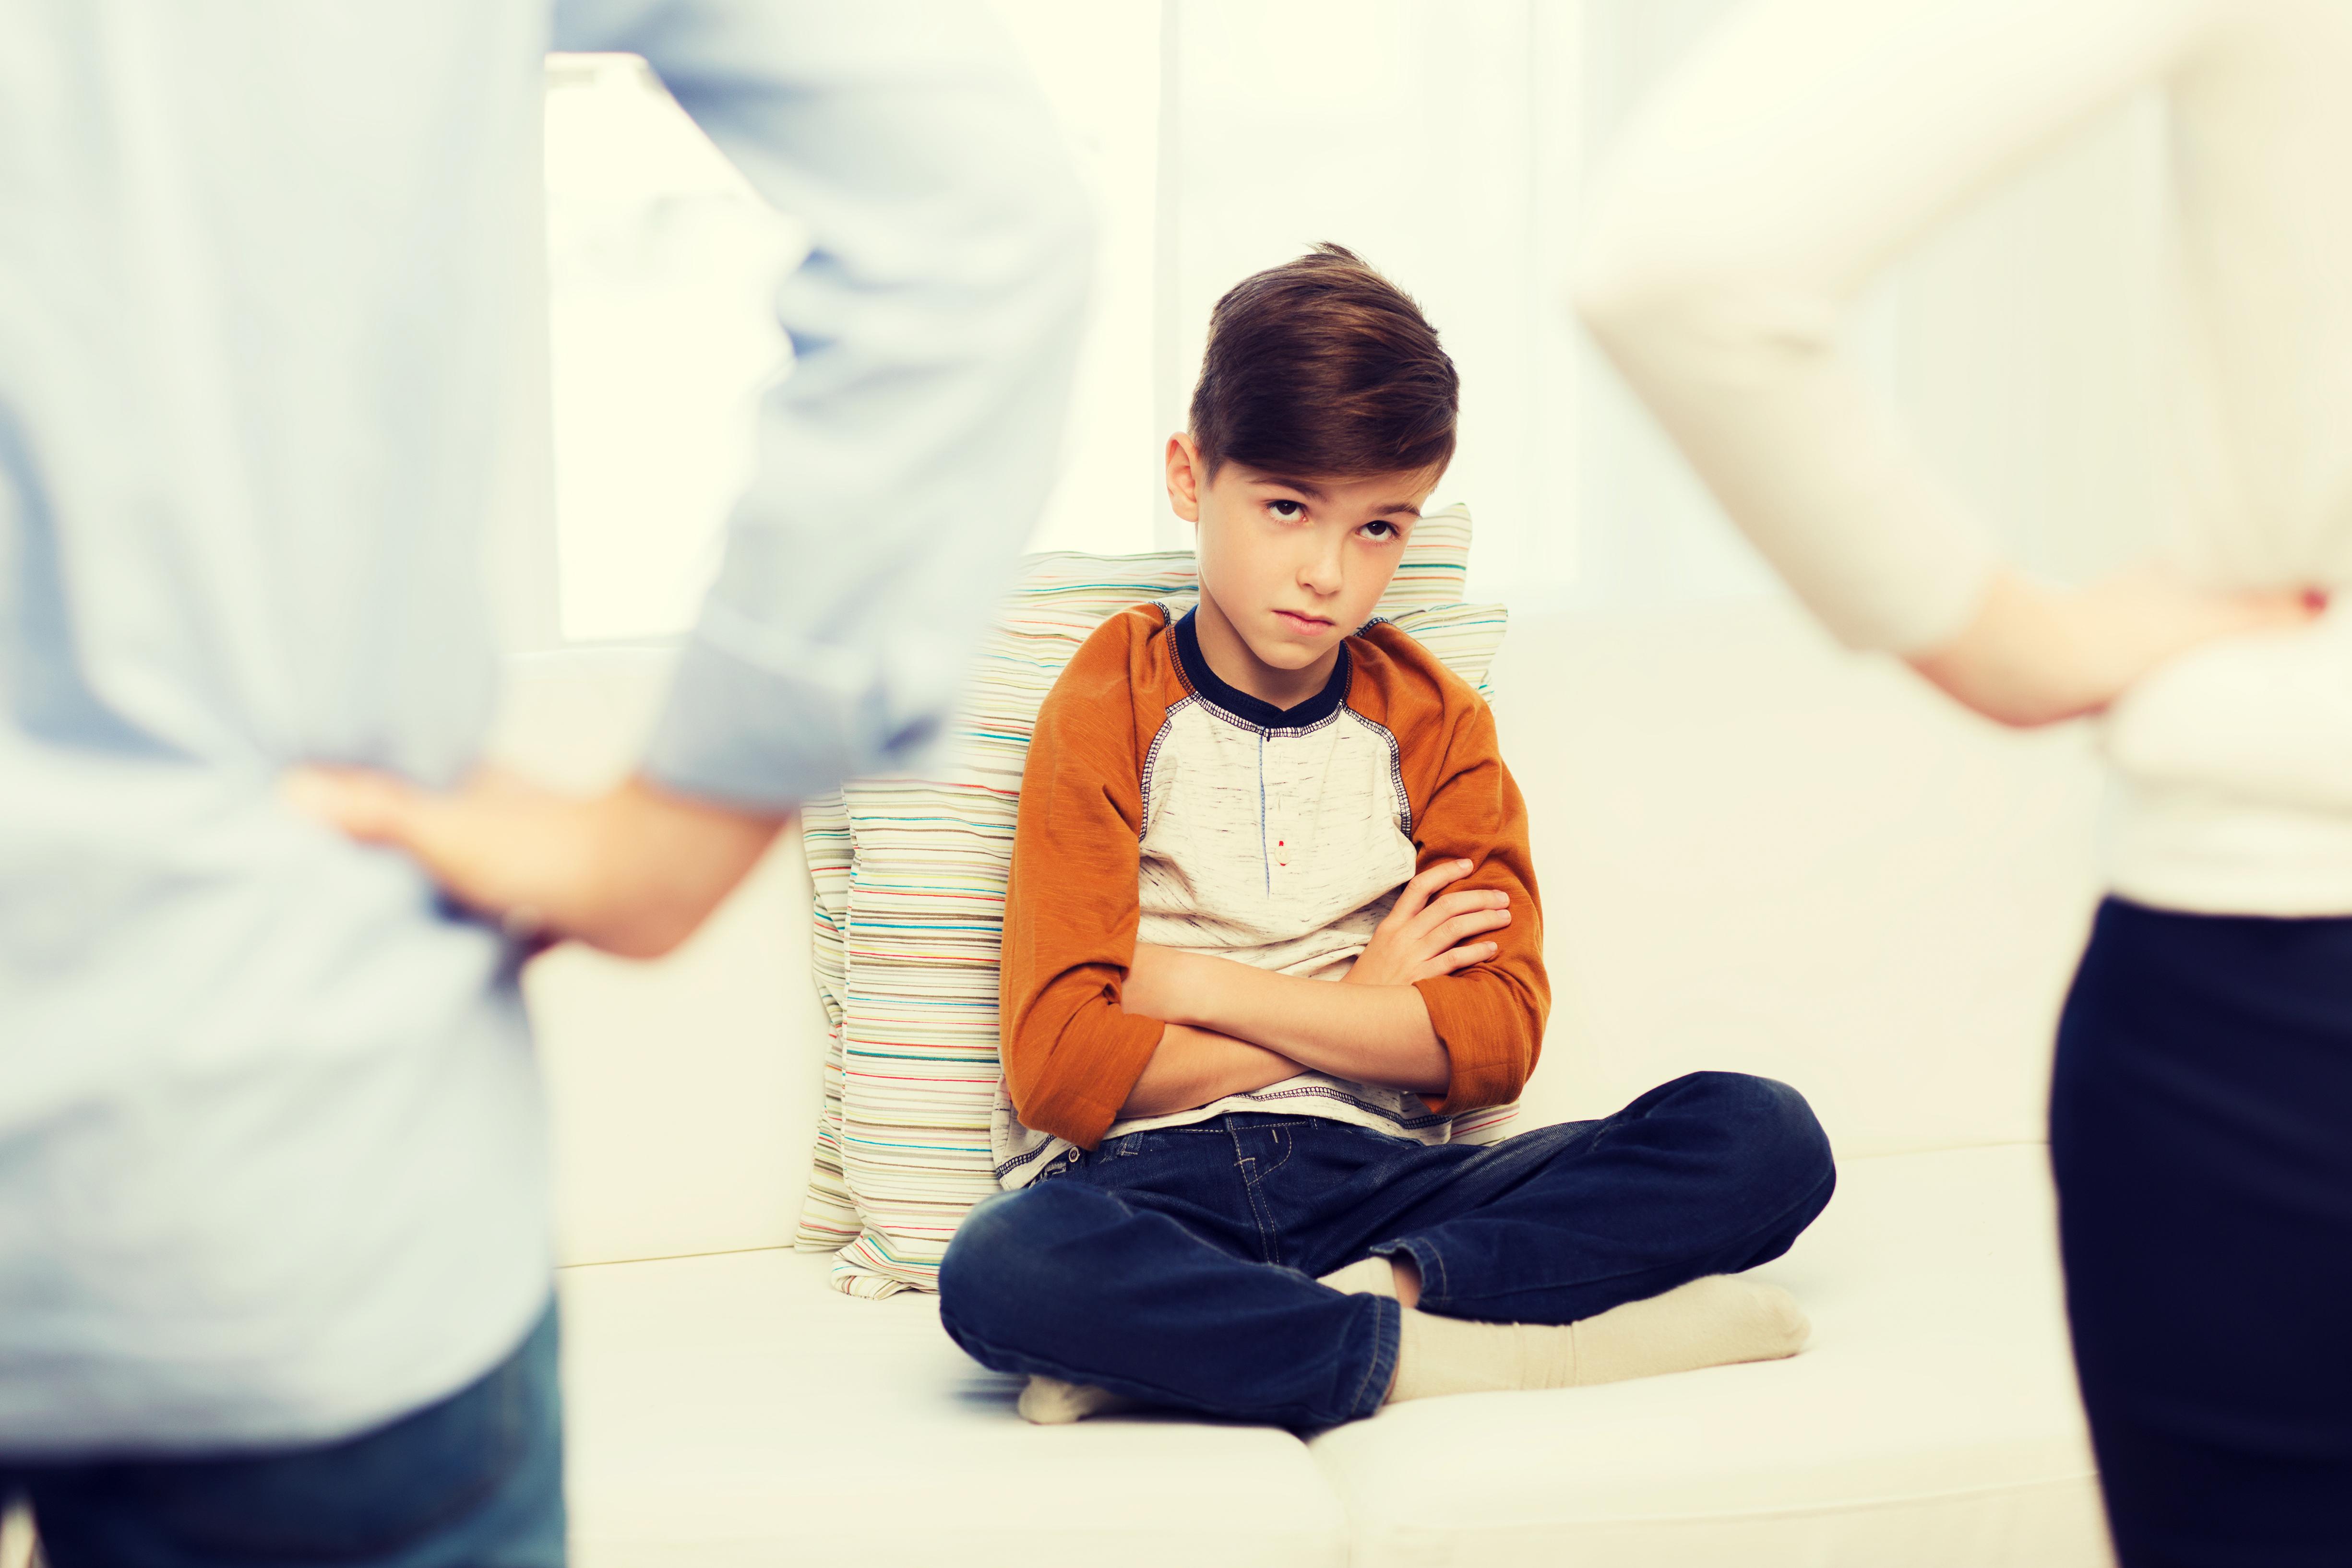 Psychothérapie de l'enfant et de l'adolescent, par Sandrine Victoire coach et thérapeute du cabinet psy 94, https://www.psy-94.fr